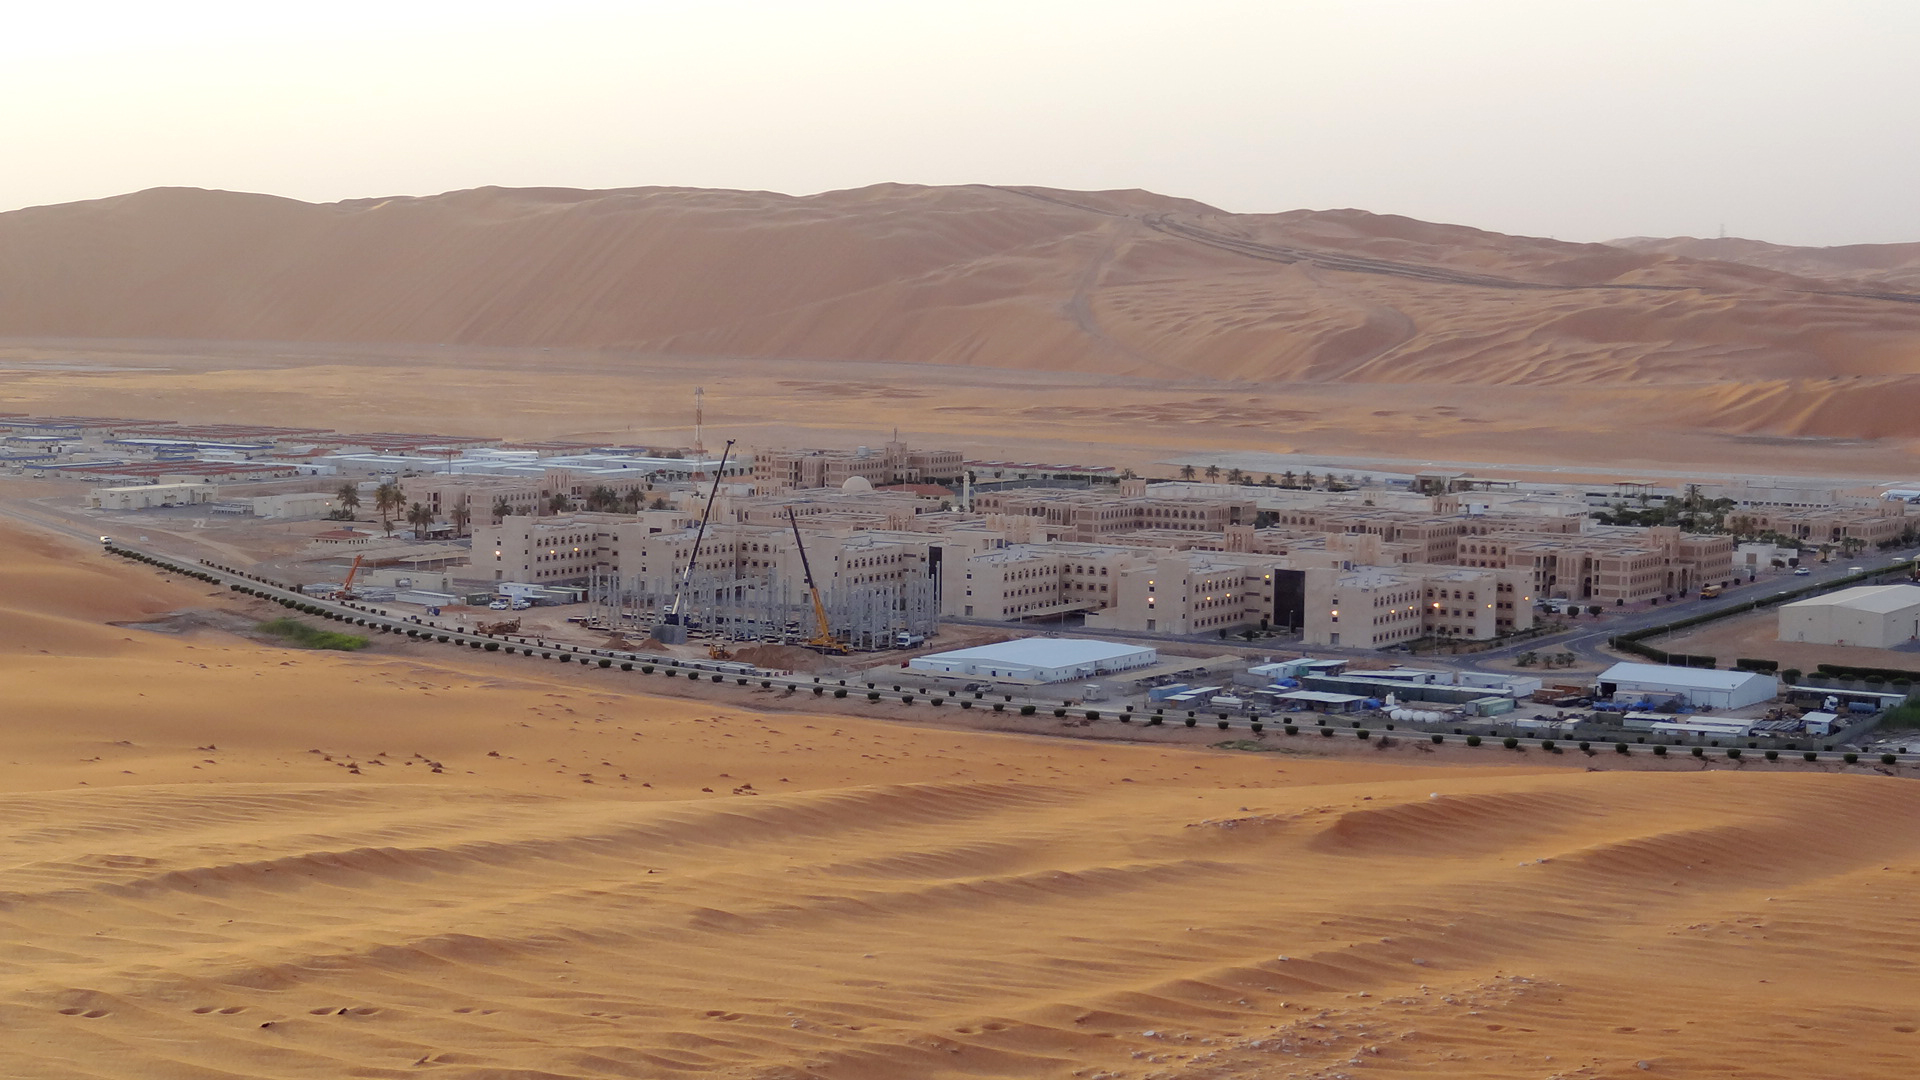 مقر شركة أرامكو السعودية في شيبا في صحراء الربع الخالي